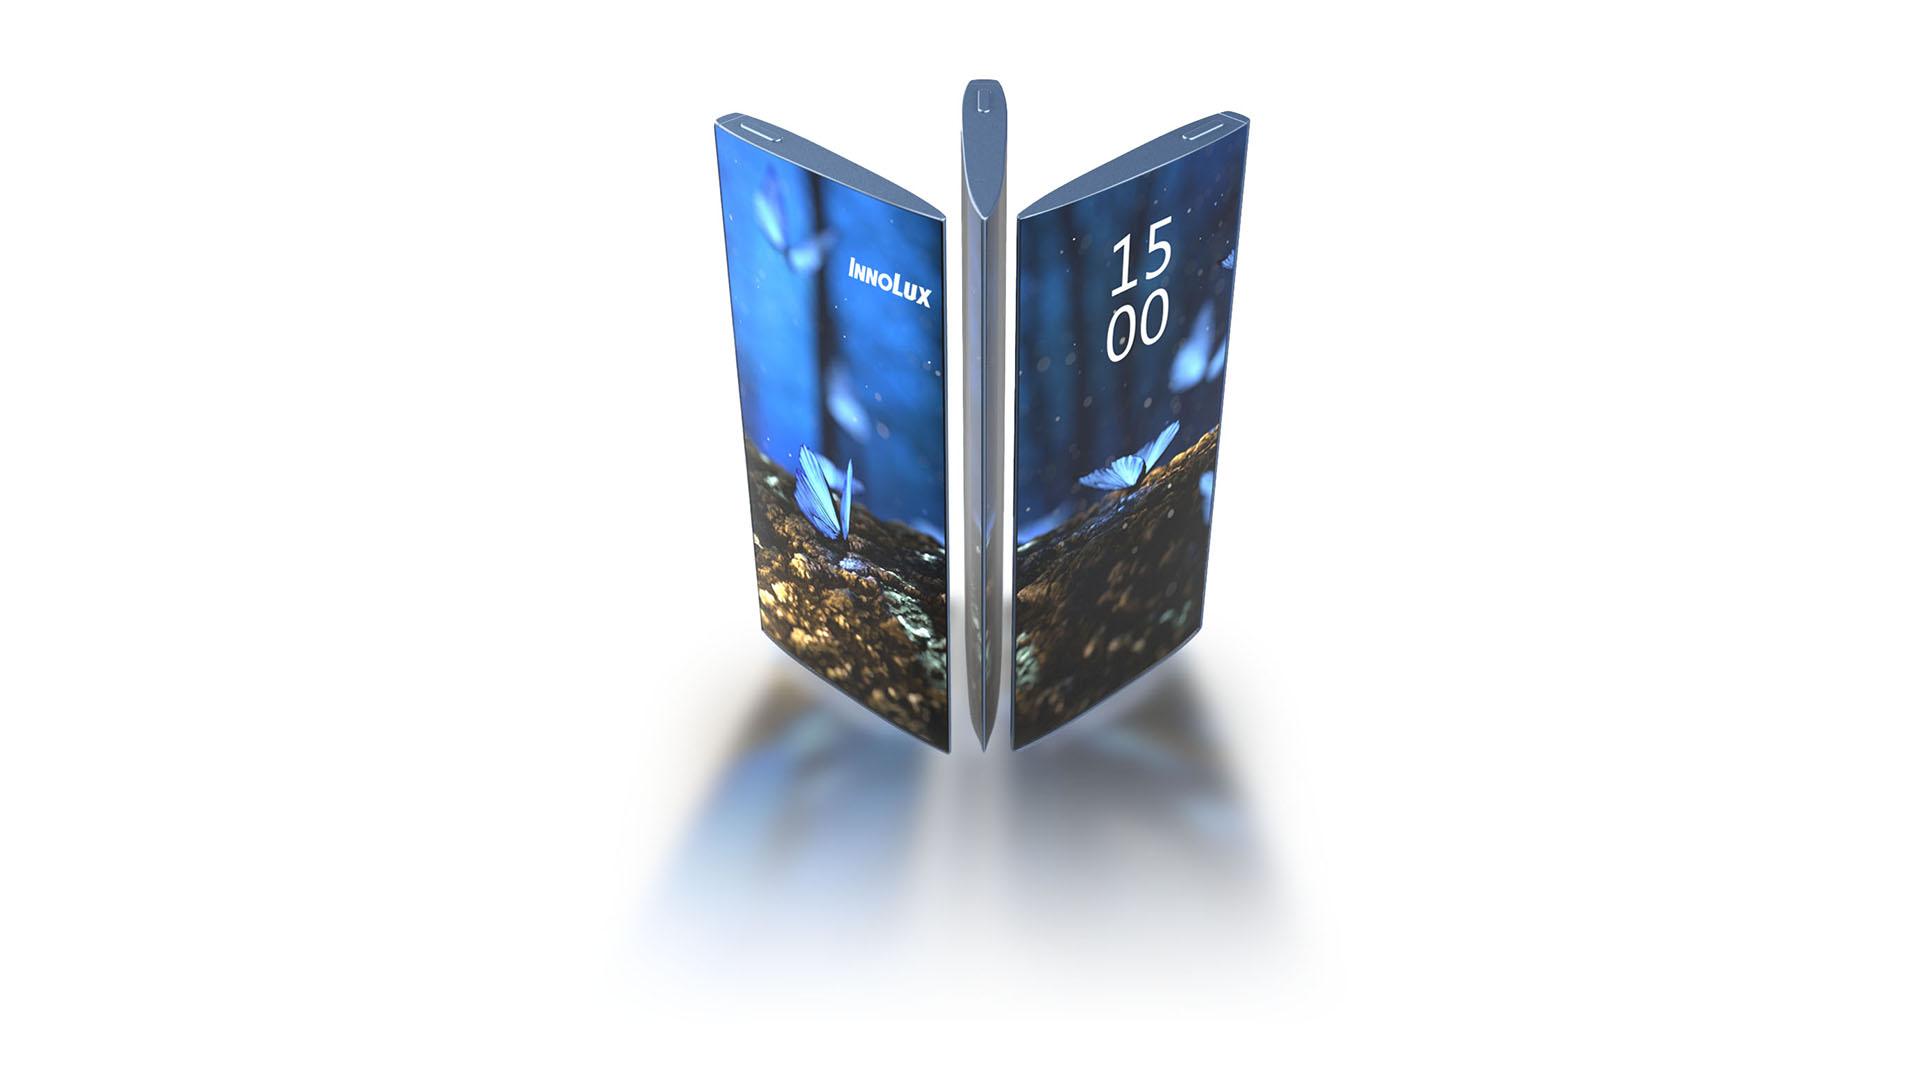 6.4吋环绕显示器